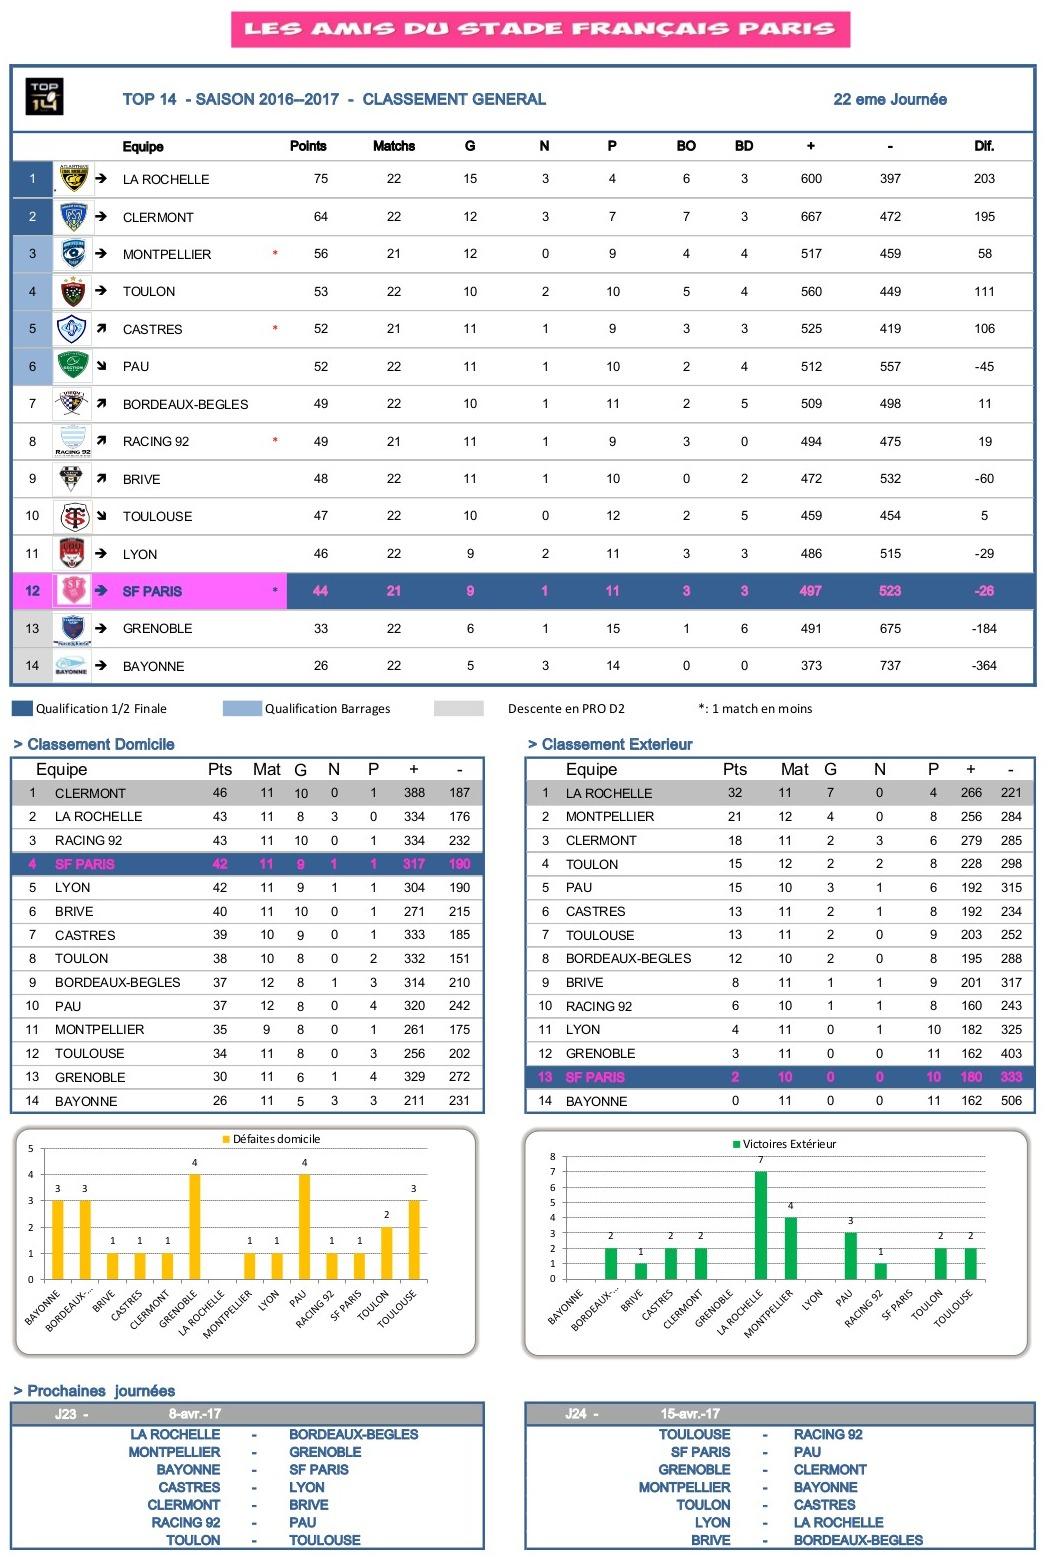 J22 Top 14 2016-2017 - statistiques